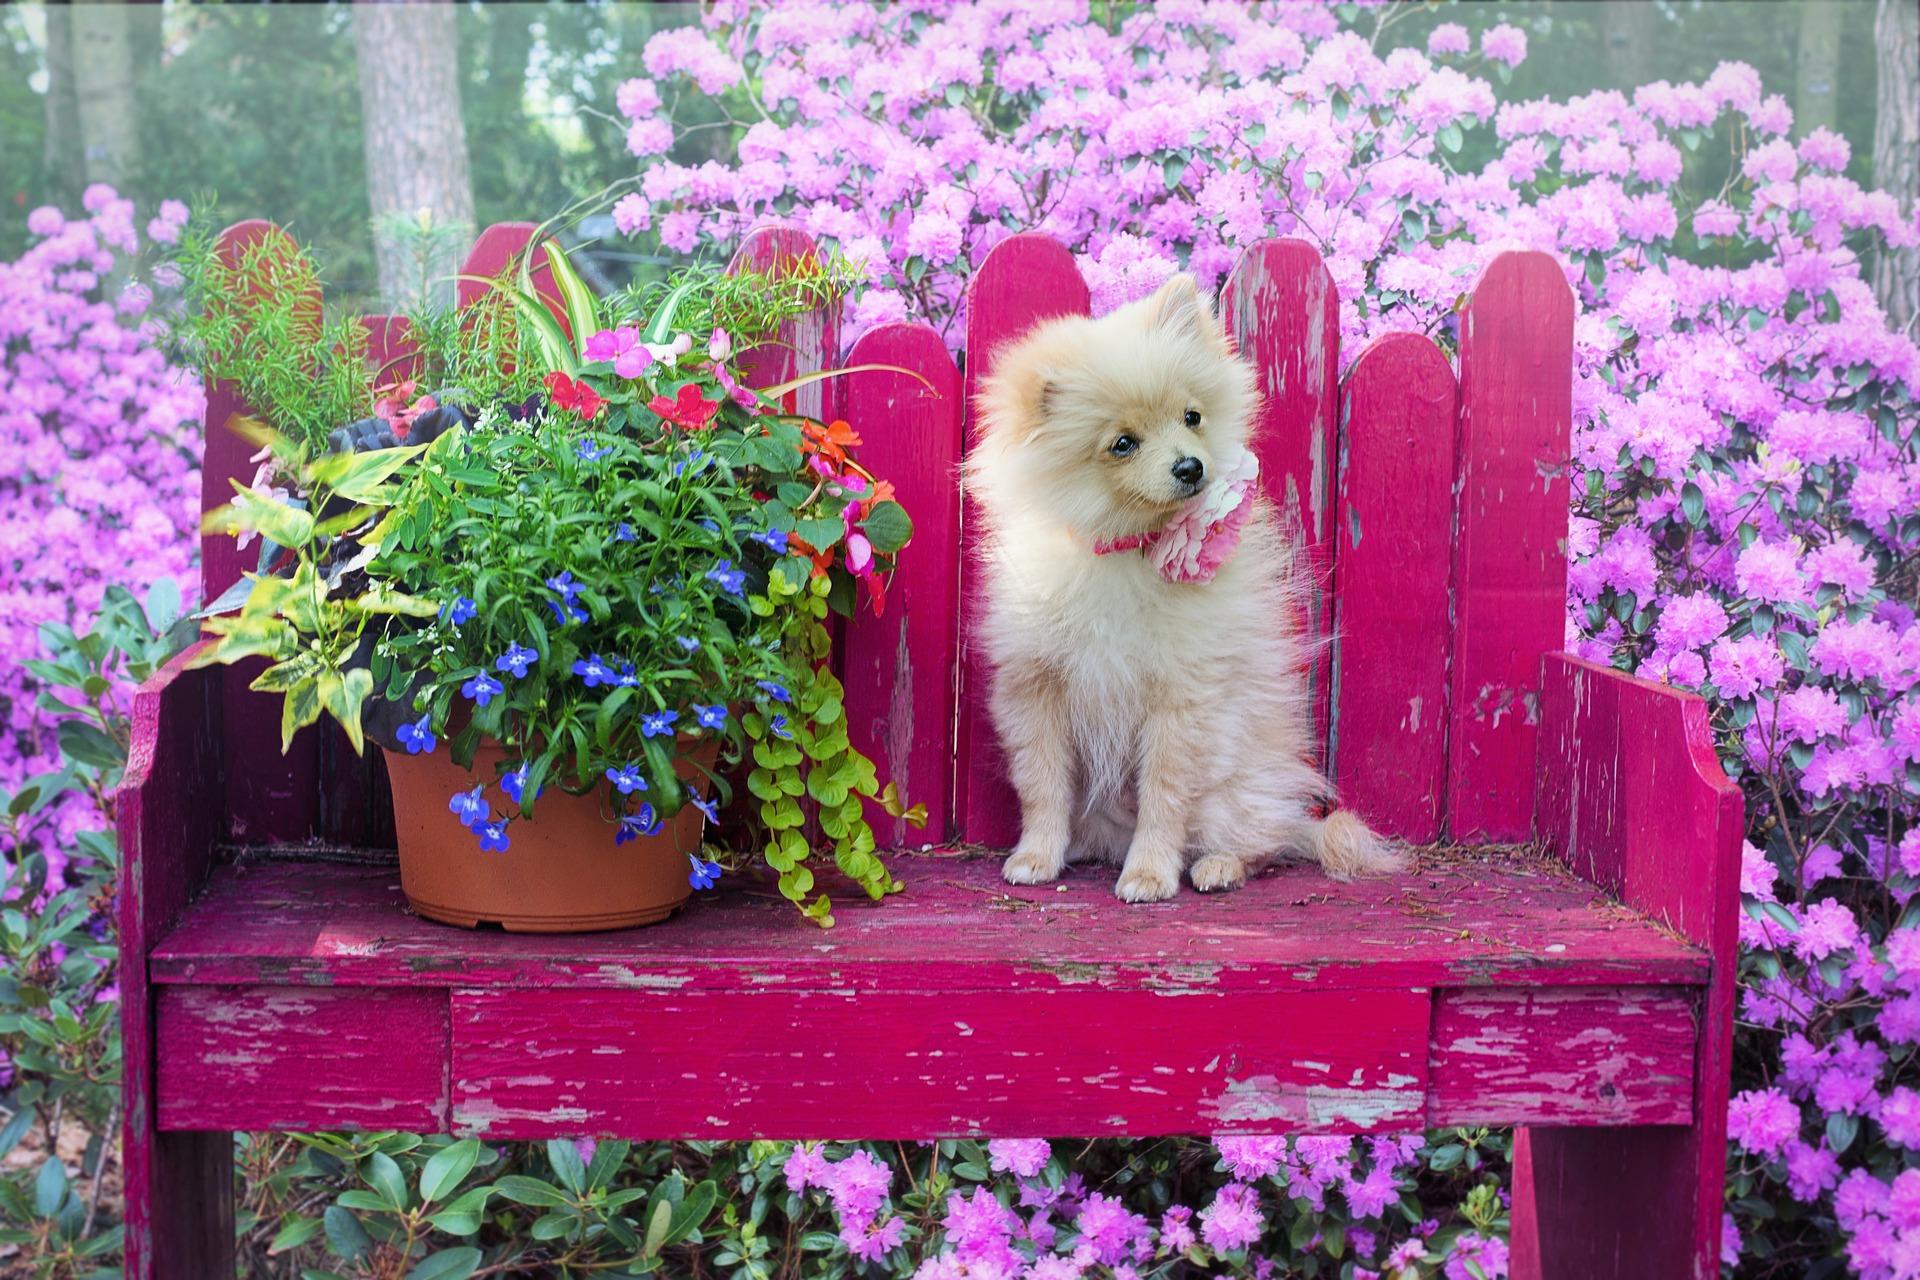 download wallpaper: hondje tussen de bloemen wallpaper